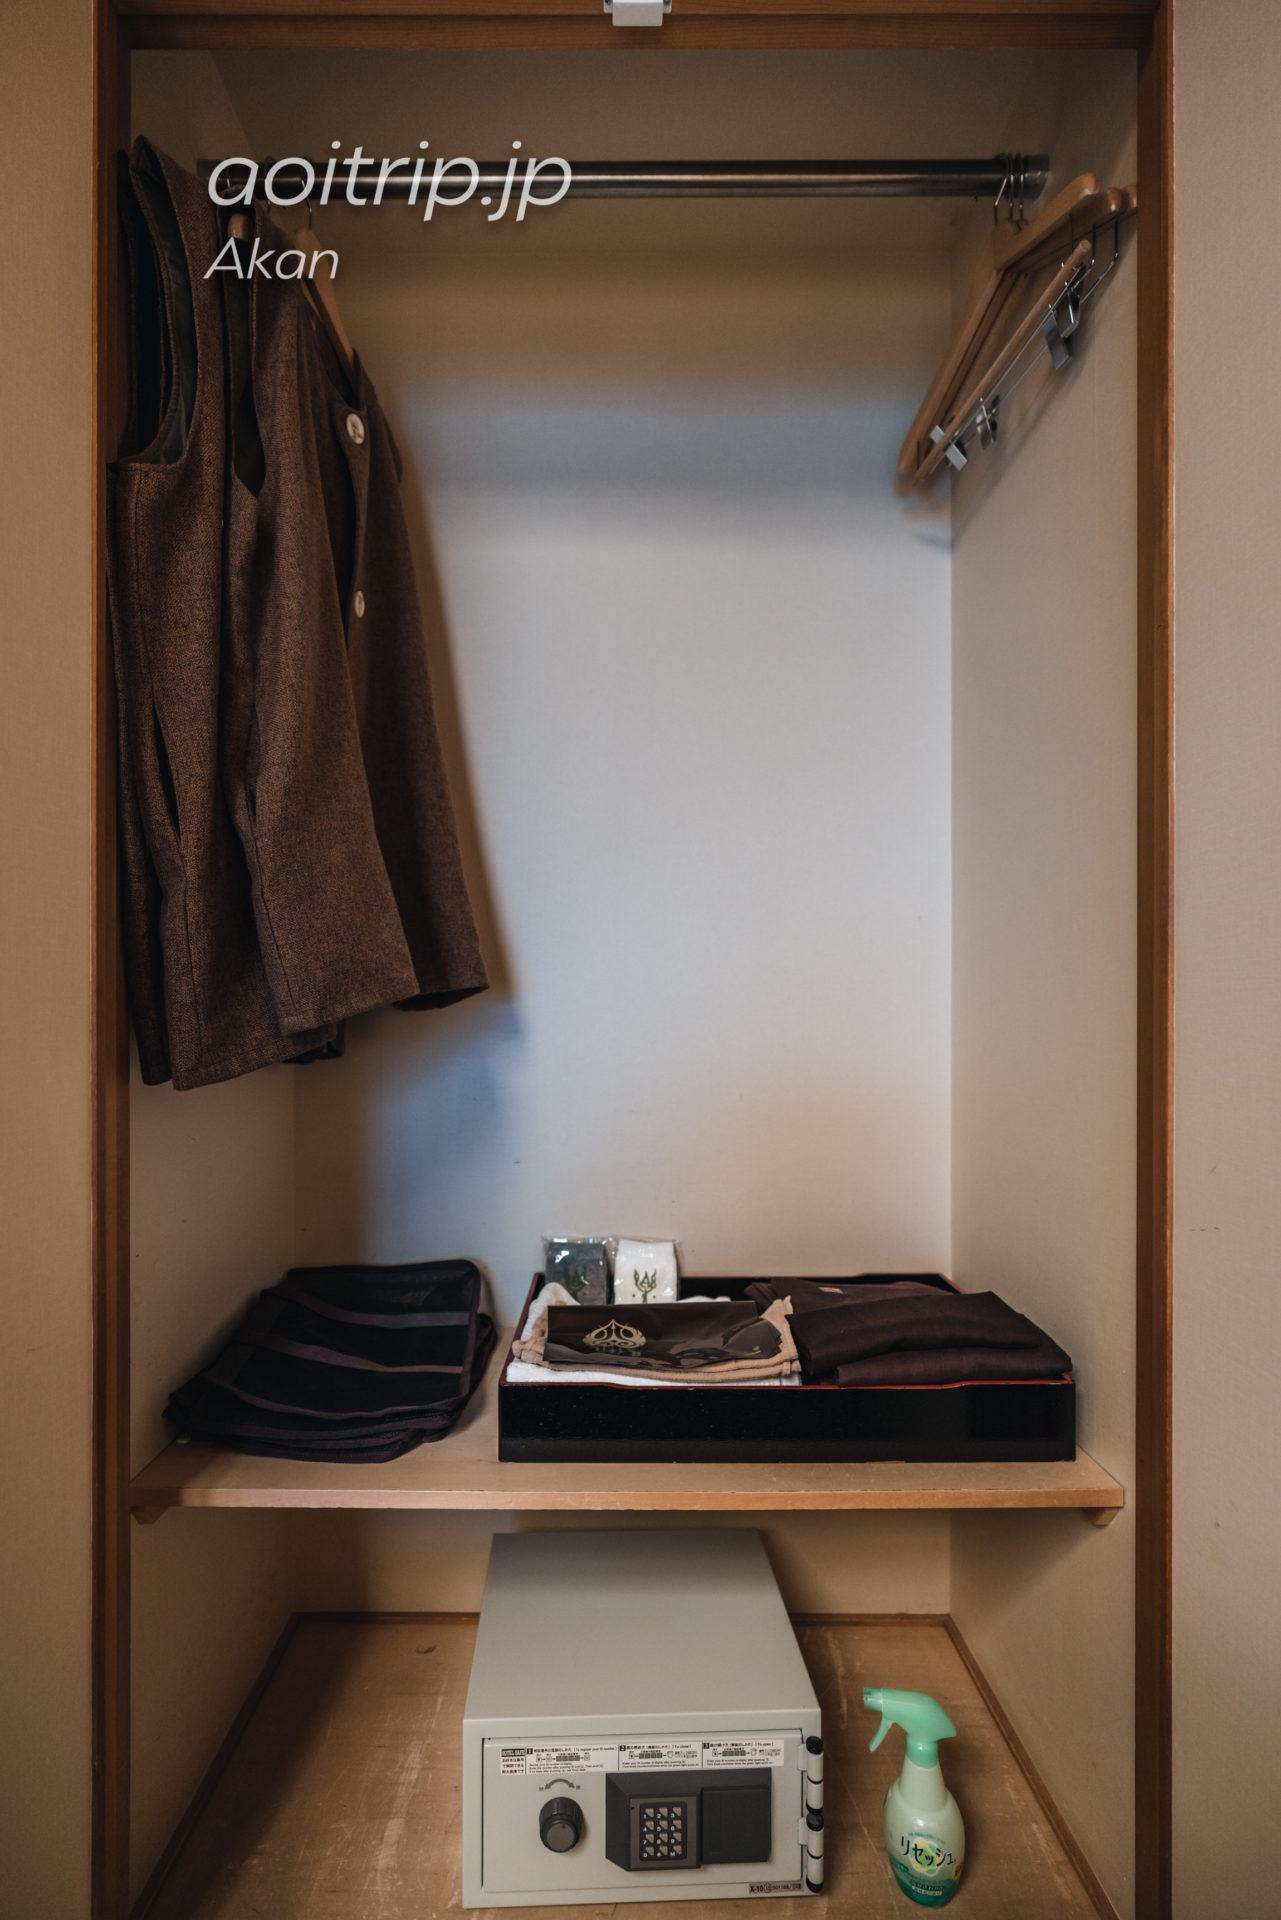 あかん湖 鶴雅ウイングスの客室 【湖側】和室ツイン(バス付)